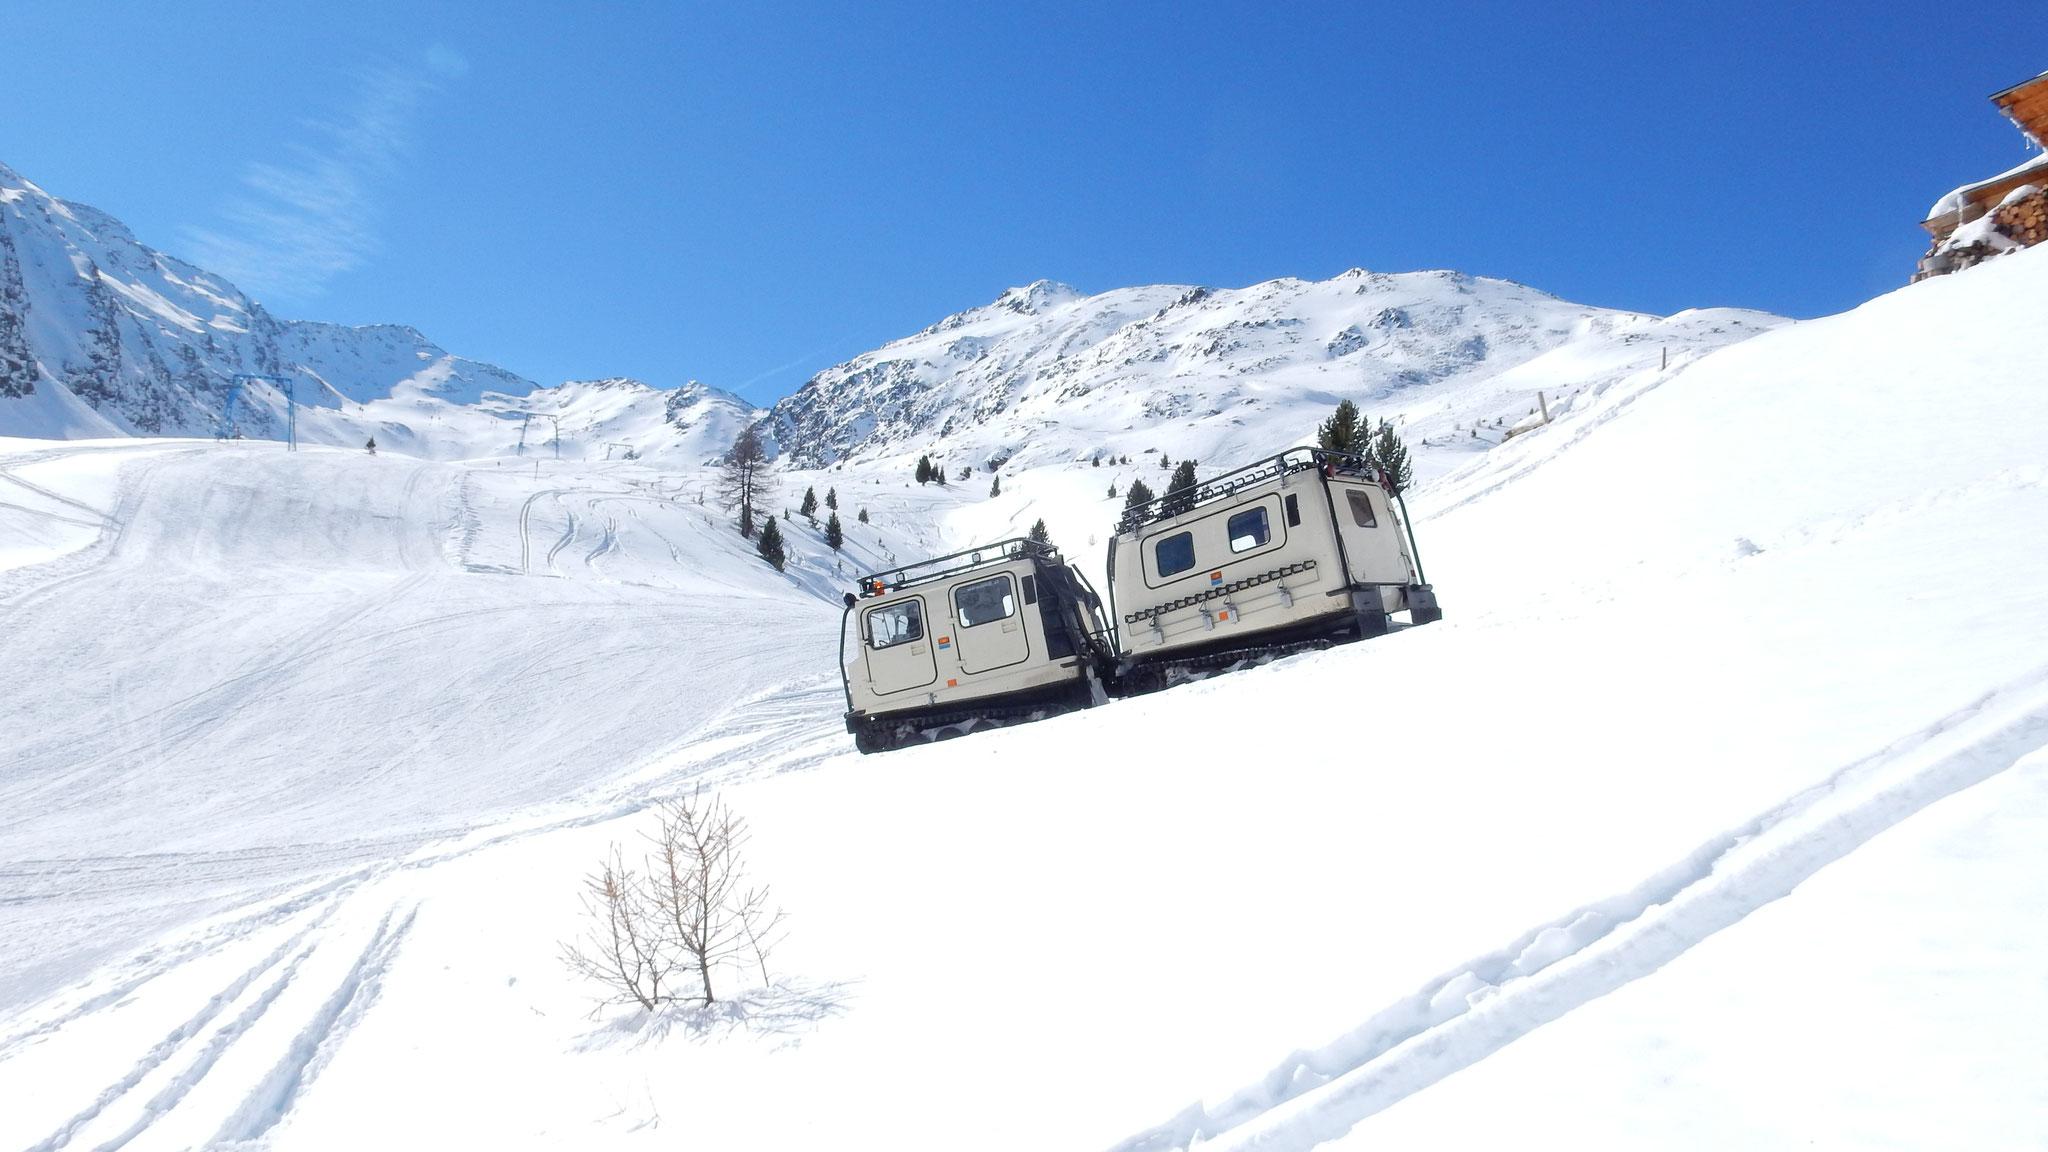 der Lift vom Tal rauf ist nicht mehr in Betrieb, der Transport erfolgt mit diesem Gefährt